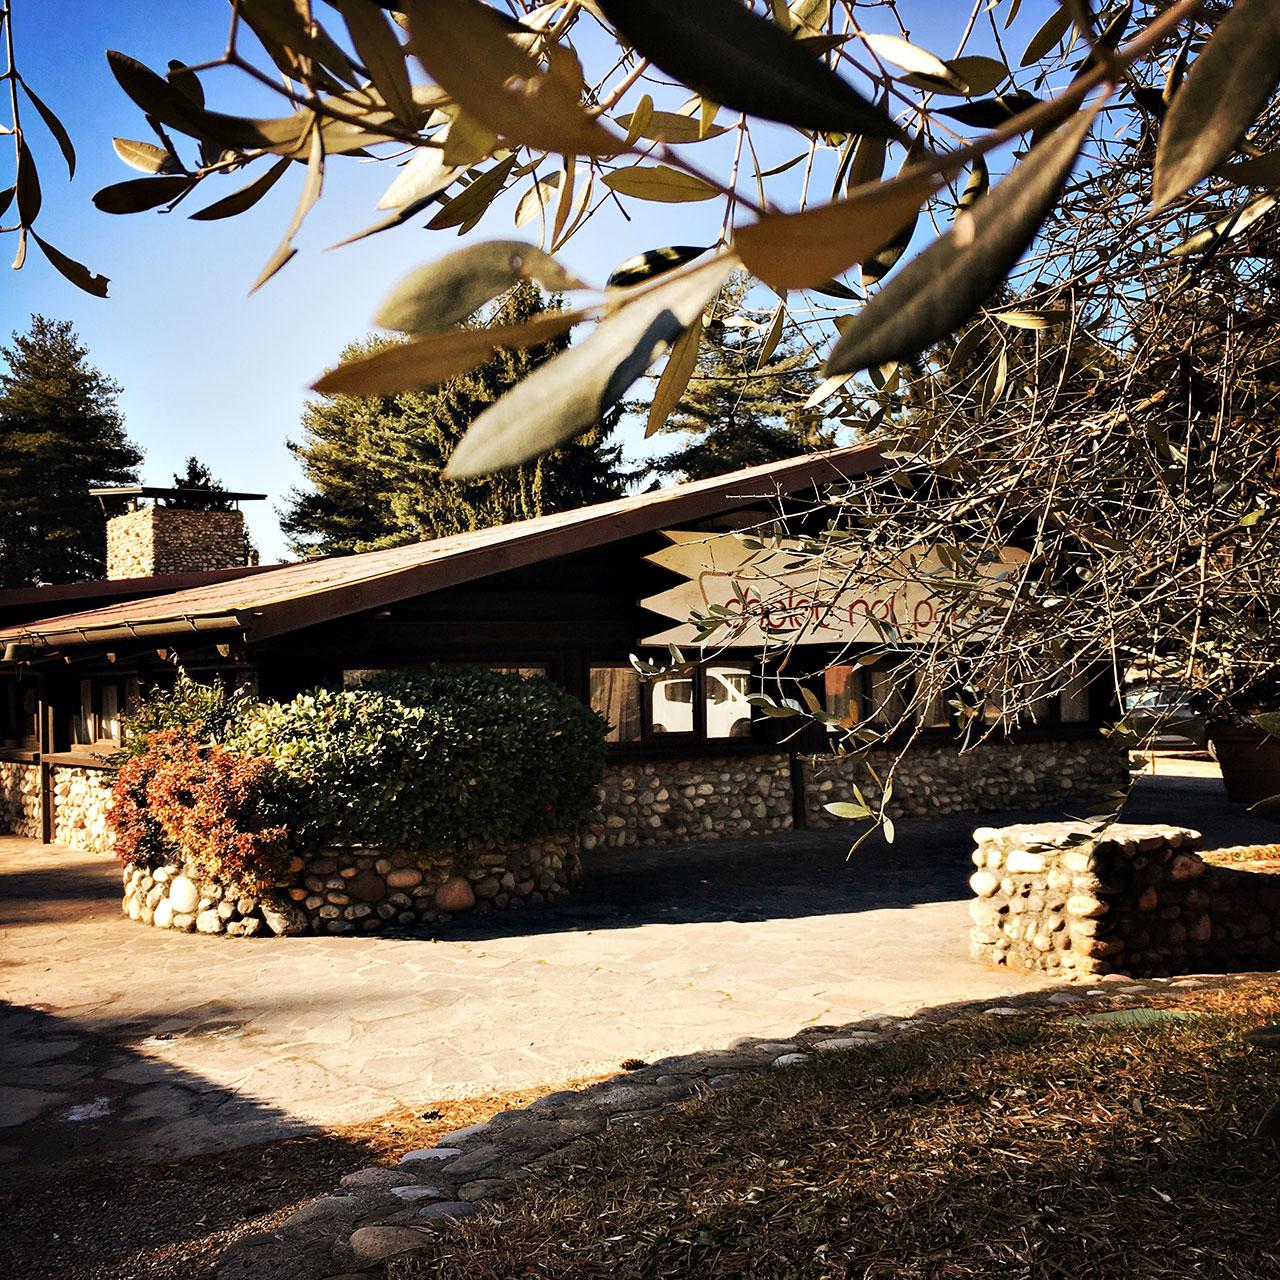 CHALET NEL PARCO | Ristorante Cerro Maggiore, location per Eventi e Cerimonie